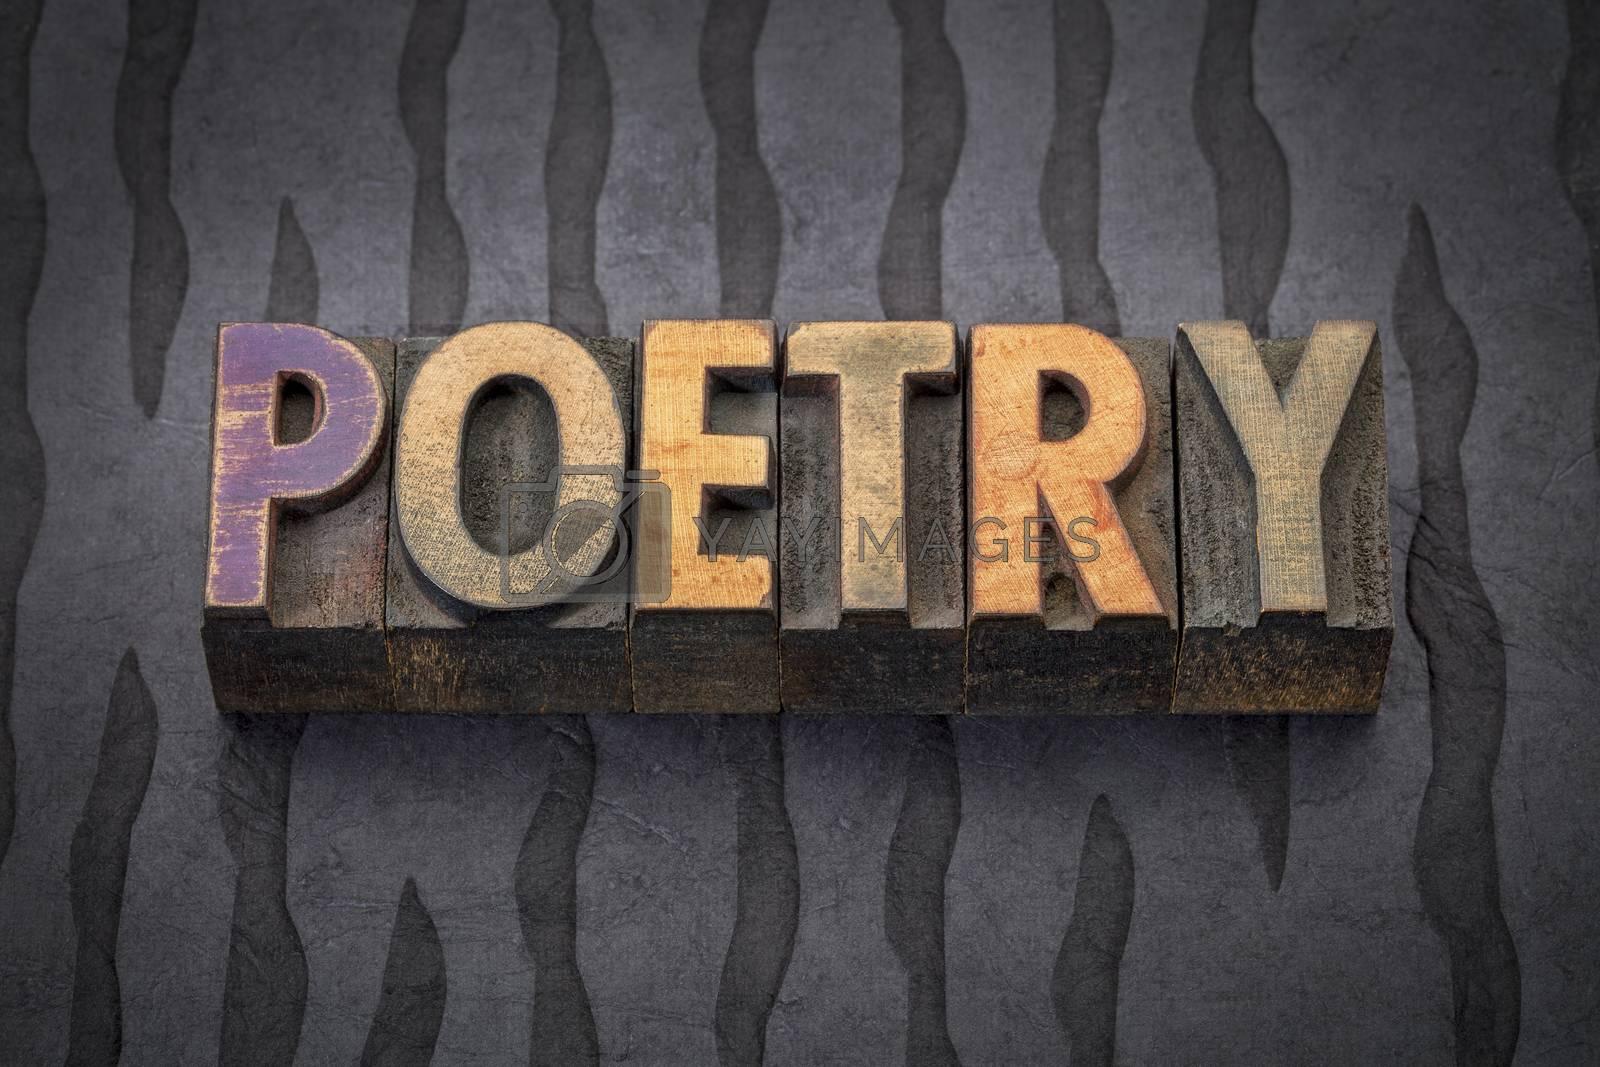 poetry word - text in vintage letterpress wood type blocks against black Nepalese lokta paper